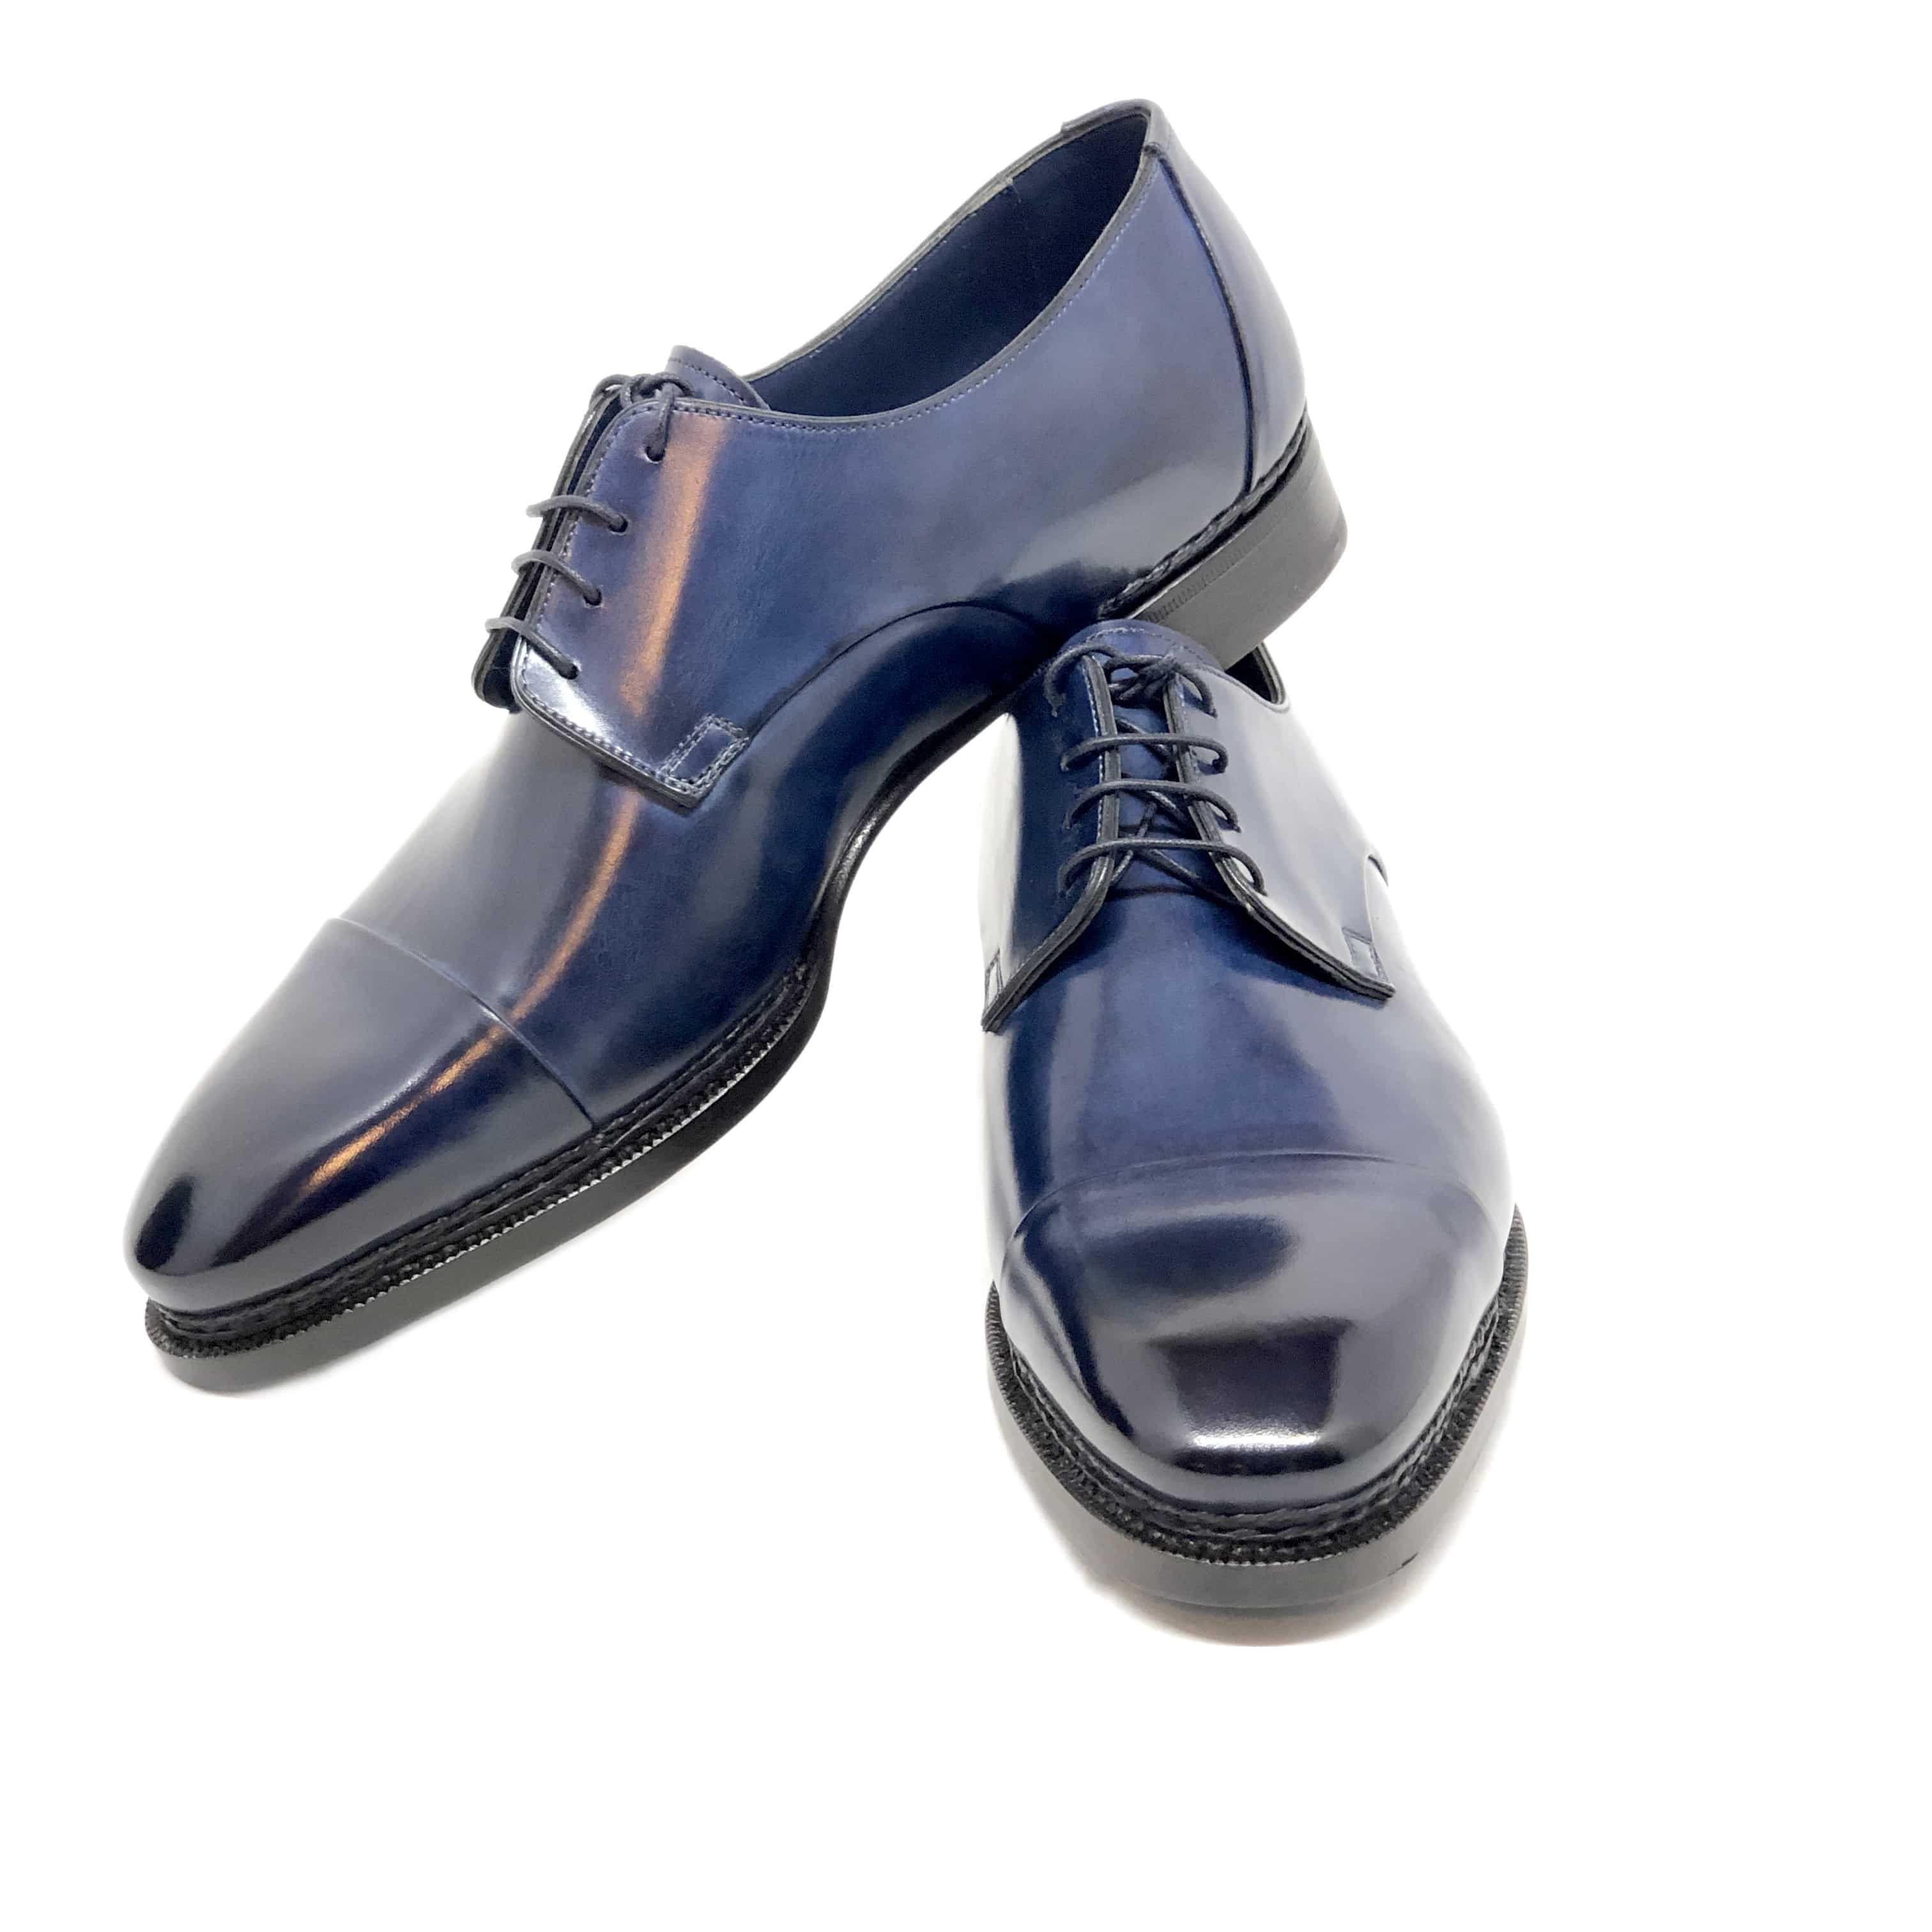 Blue leather, Dress shoes men